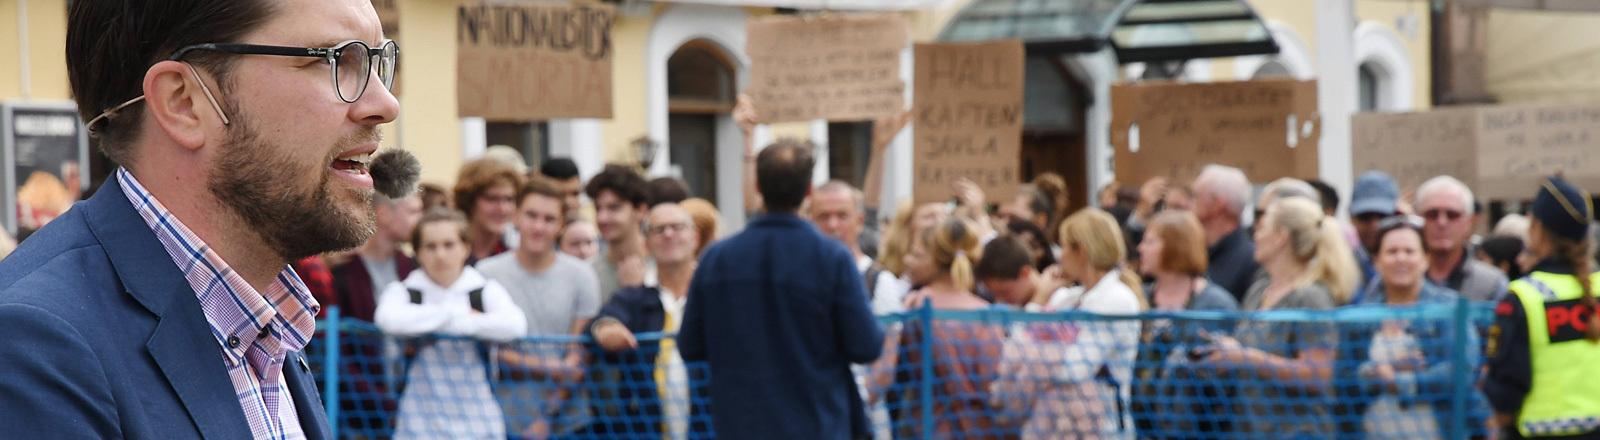 Jimmie Akesson bei einer Wahlkampfveranstaltung in Malmö (31.08.18). Er ist Parteichef der Schwedendemokraten.